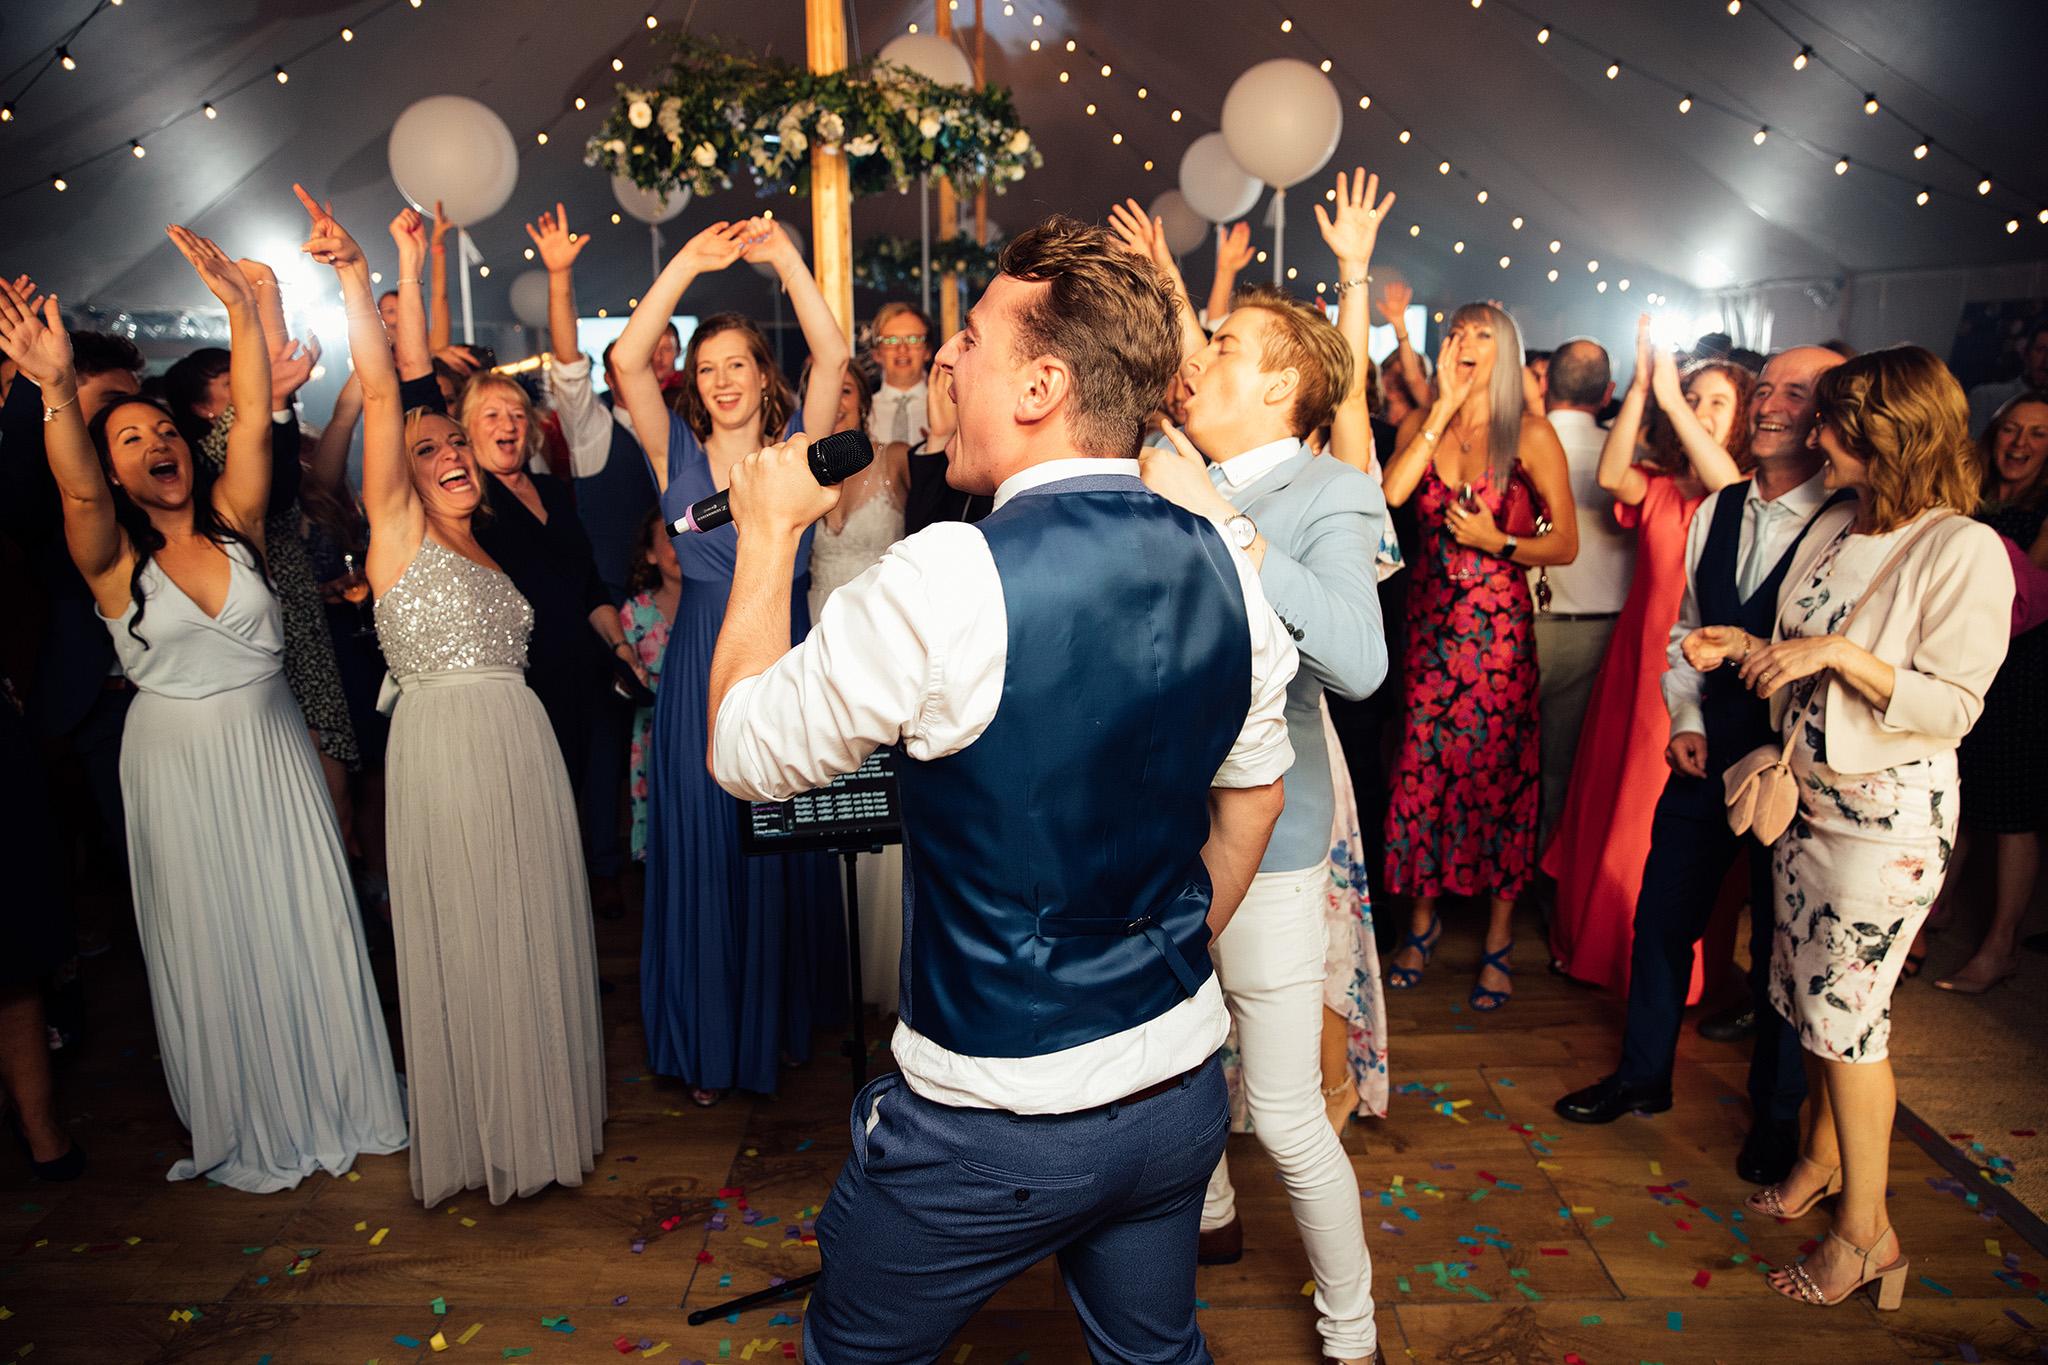 PapaKåta Sperry Wedding in Oxfordshire by Harry Michael Photography- Karaoke